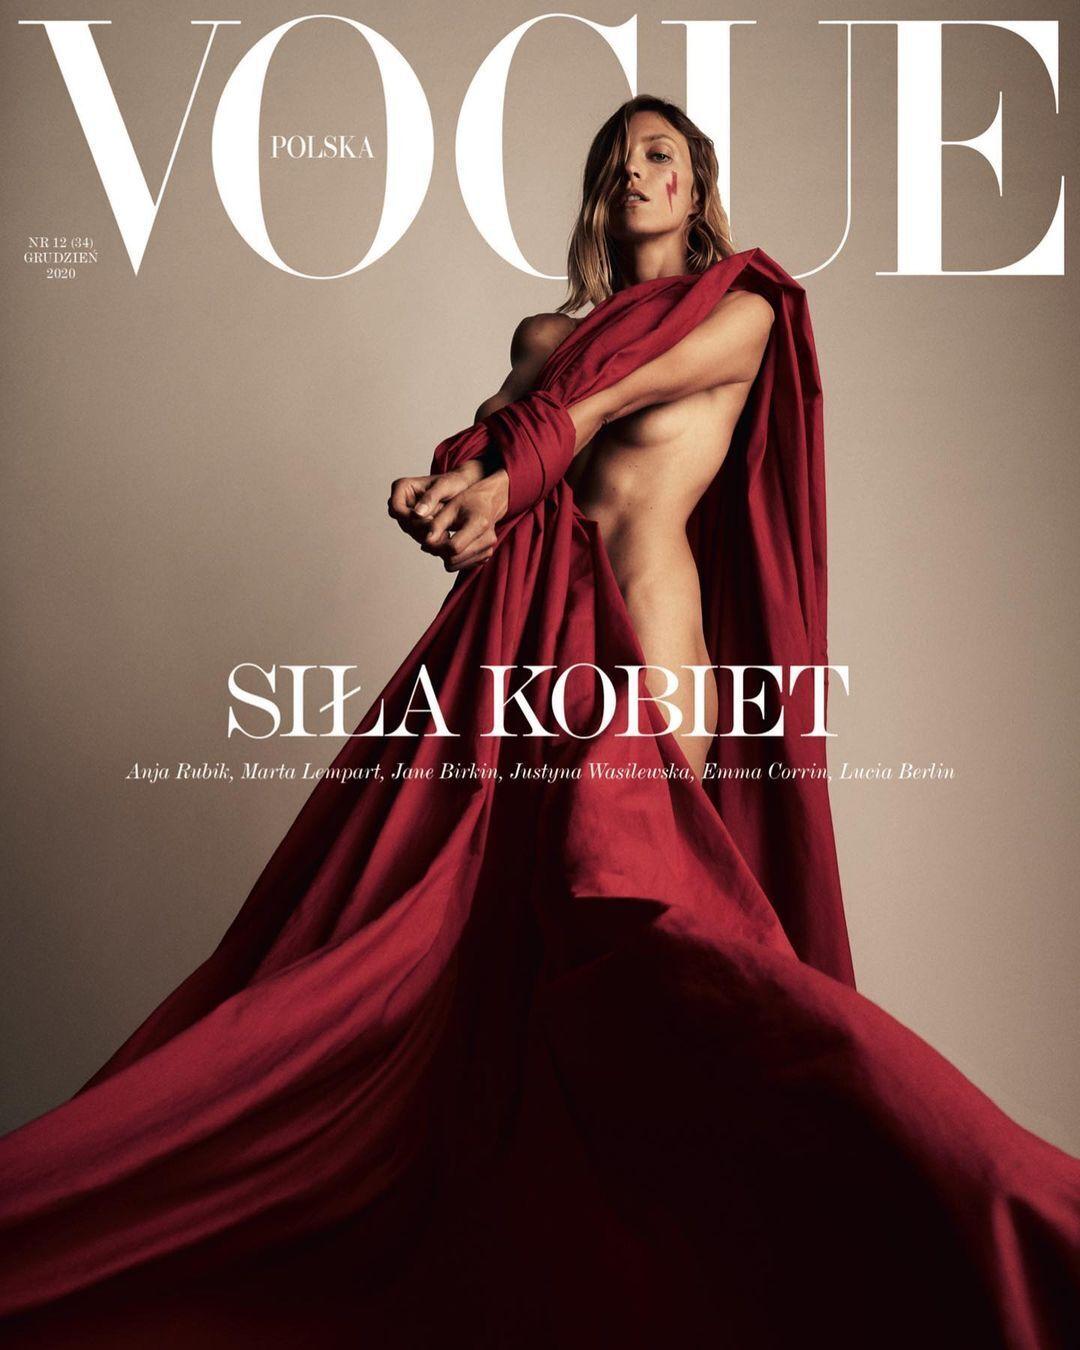 Аня Рубік знялася оголеною для обкладинки Vogue в протест заборони абортів у Польщі